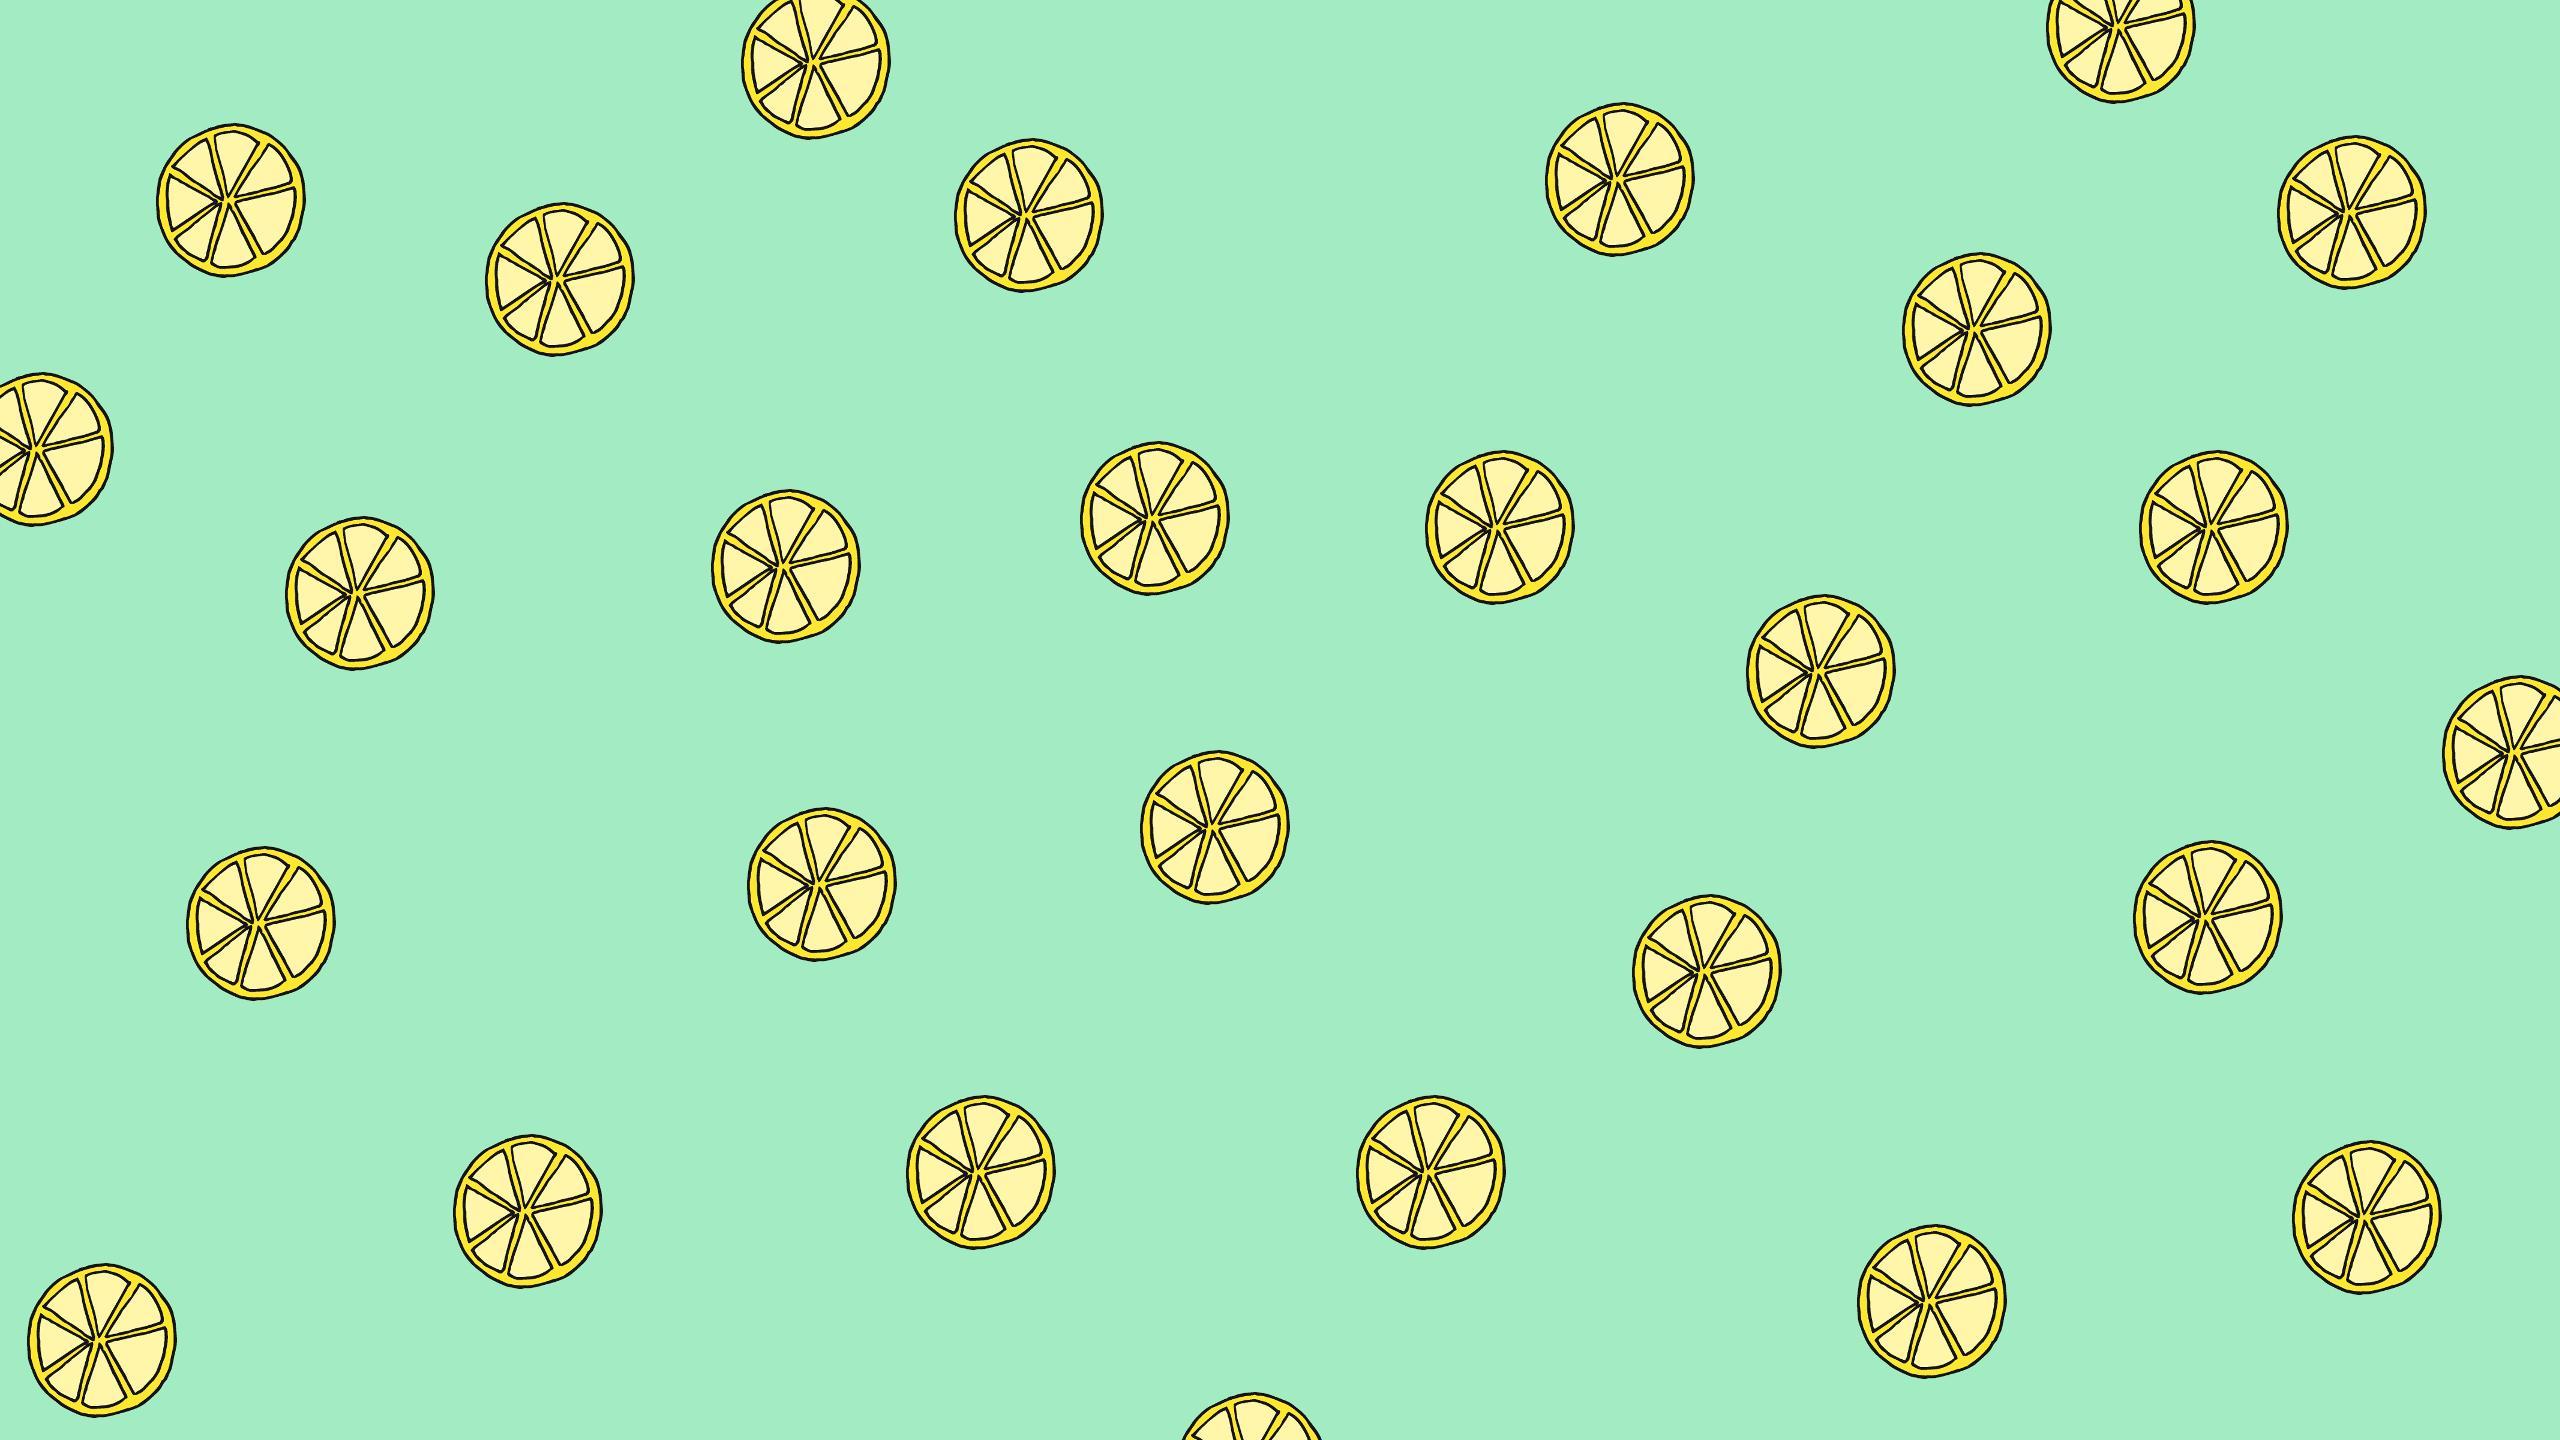 Lemon Wallpapers Wallpaper Cave